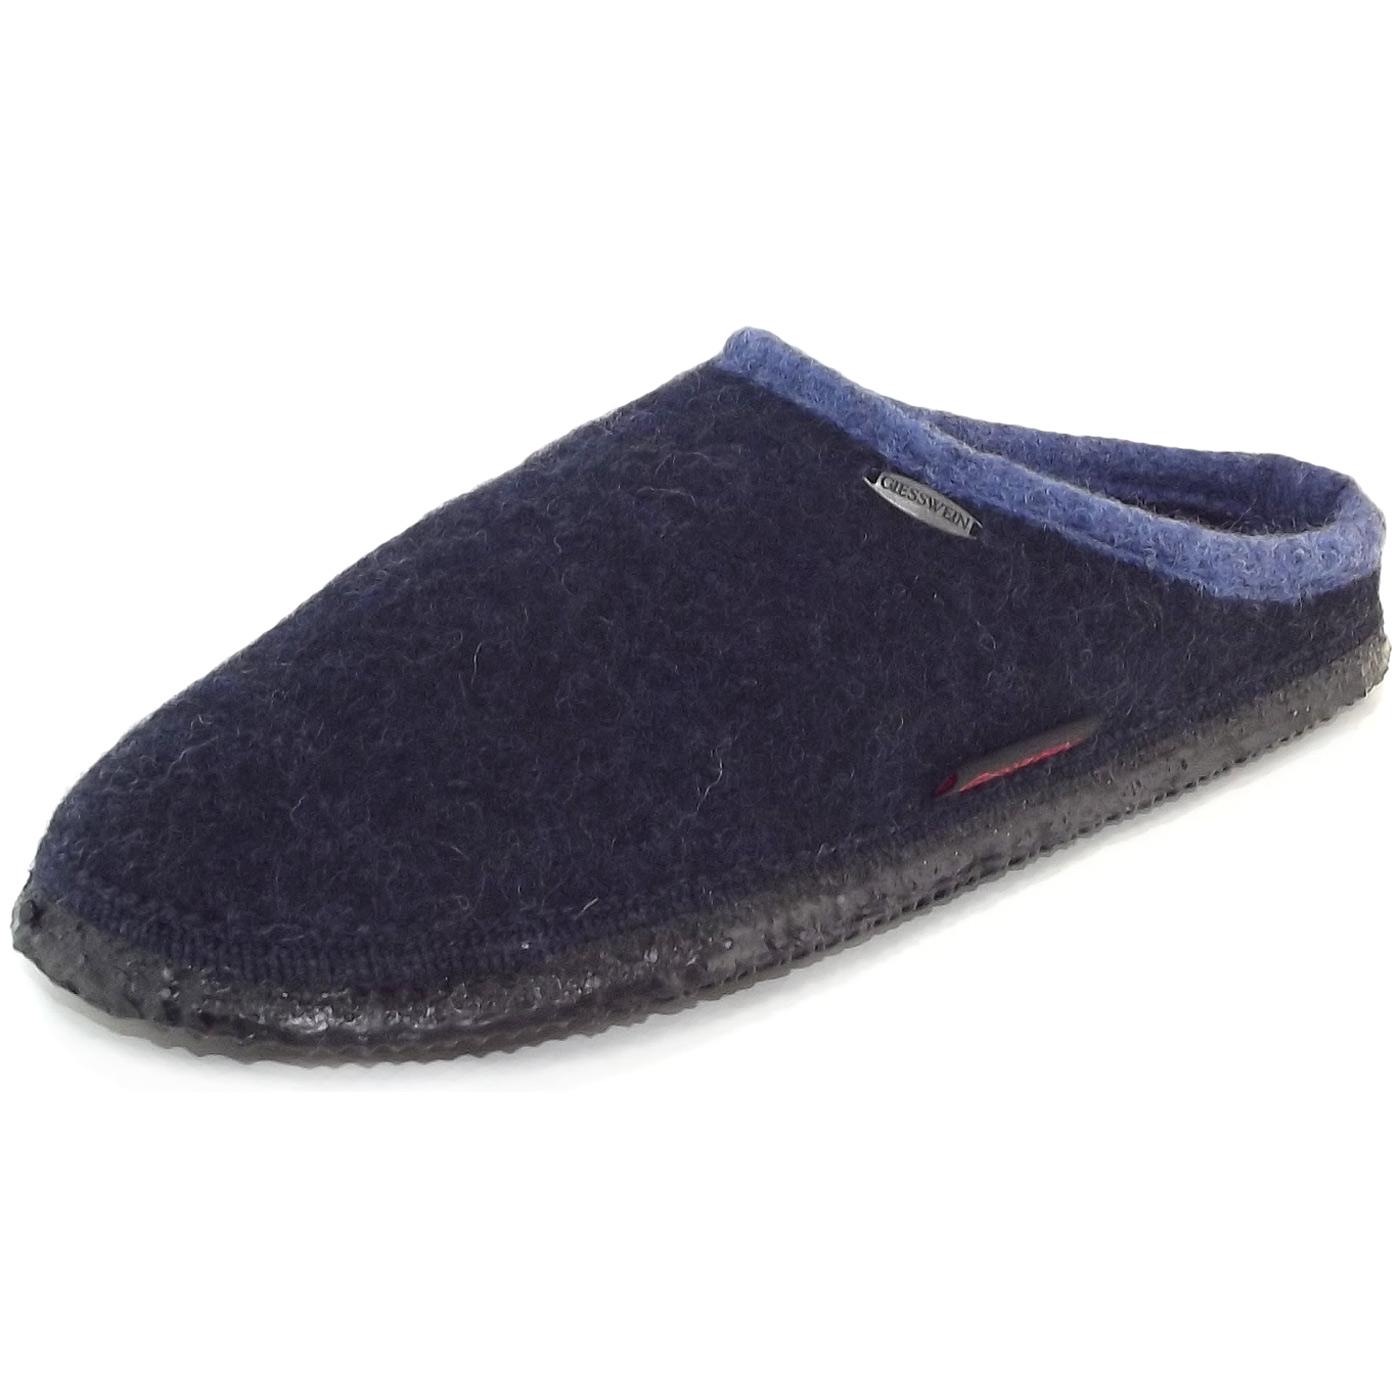 Giesswein Dannheim 32-10-42084-514 Unisex Pantoffeln, nachtblau, Gr. 50